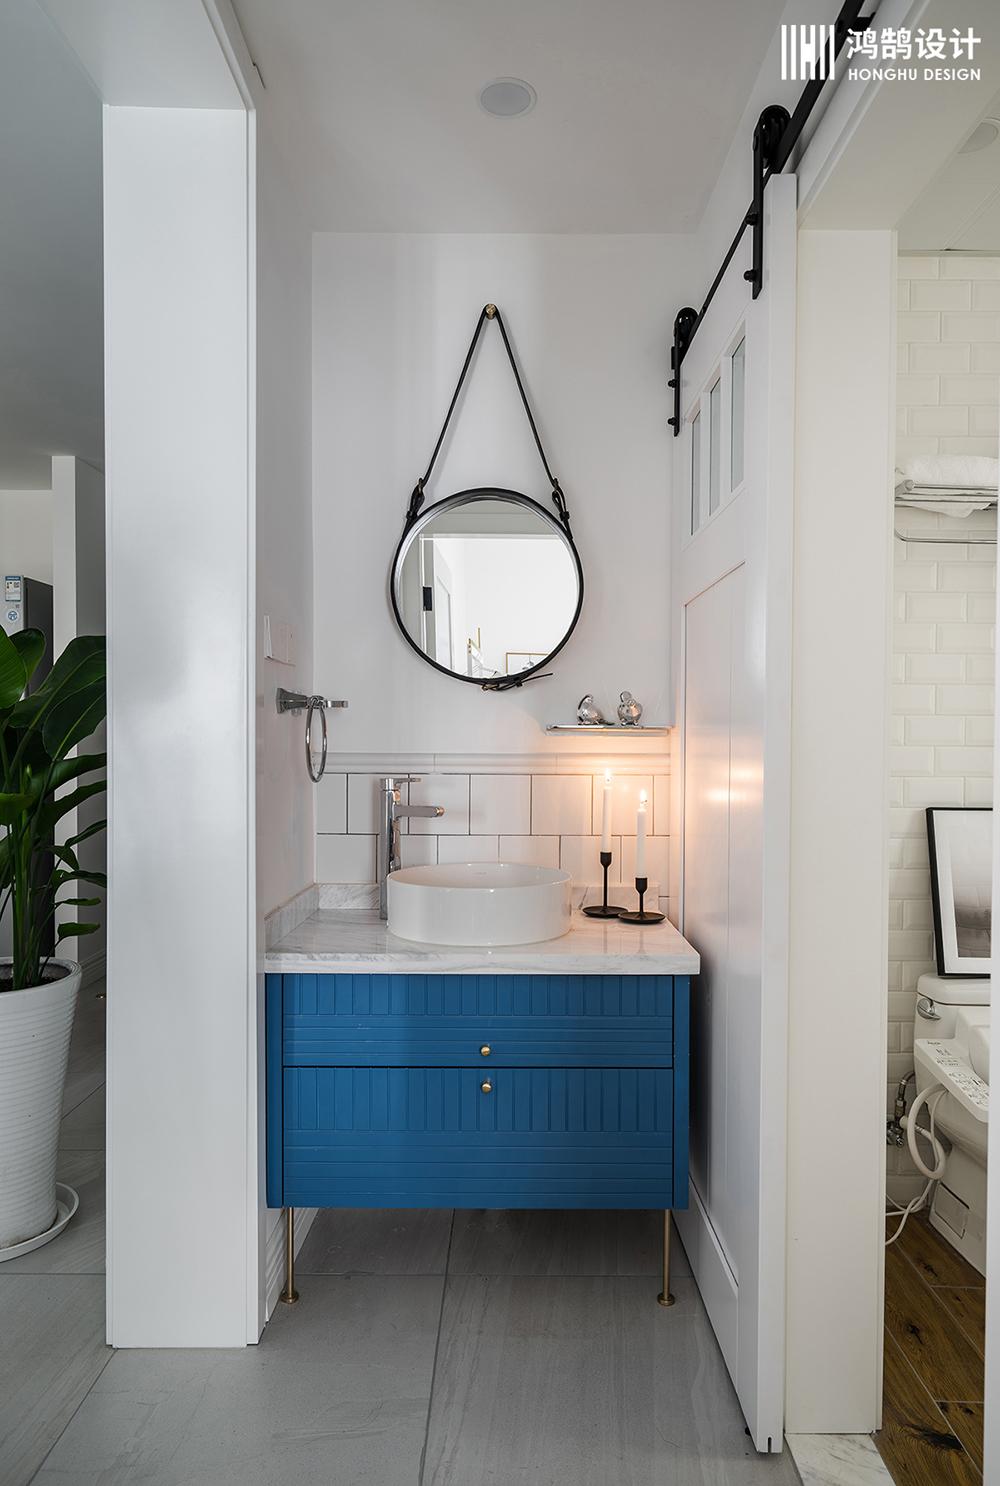 85㎡北欧风两居装修浴室柜图片